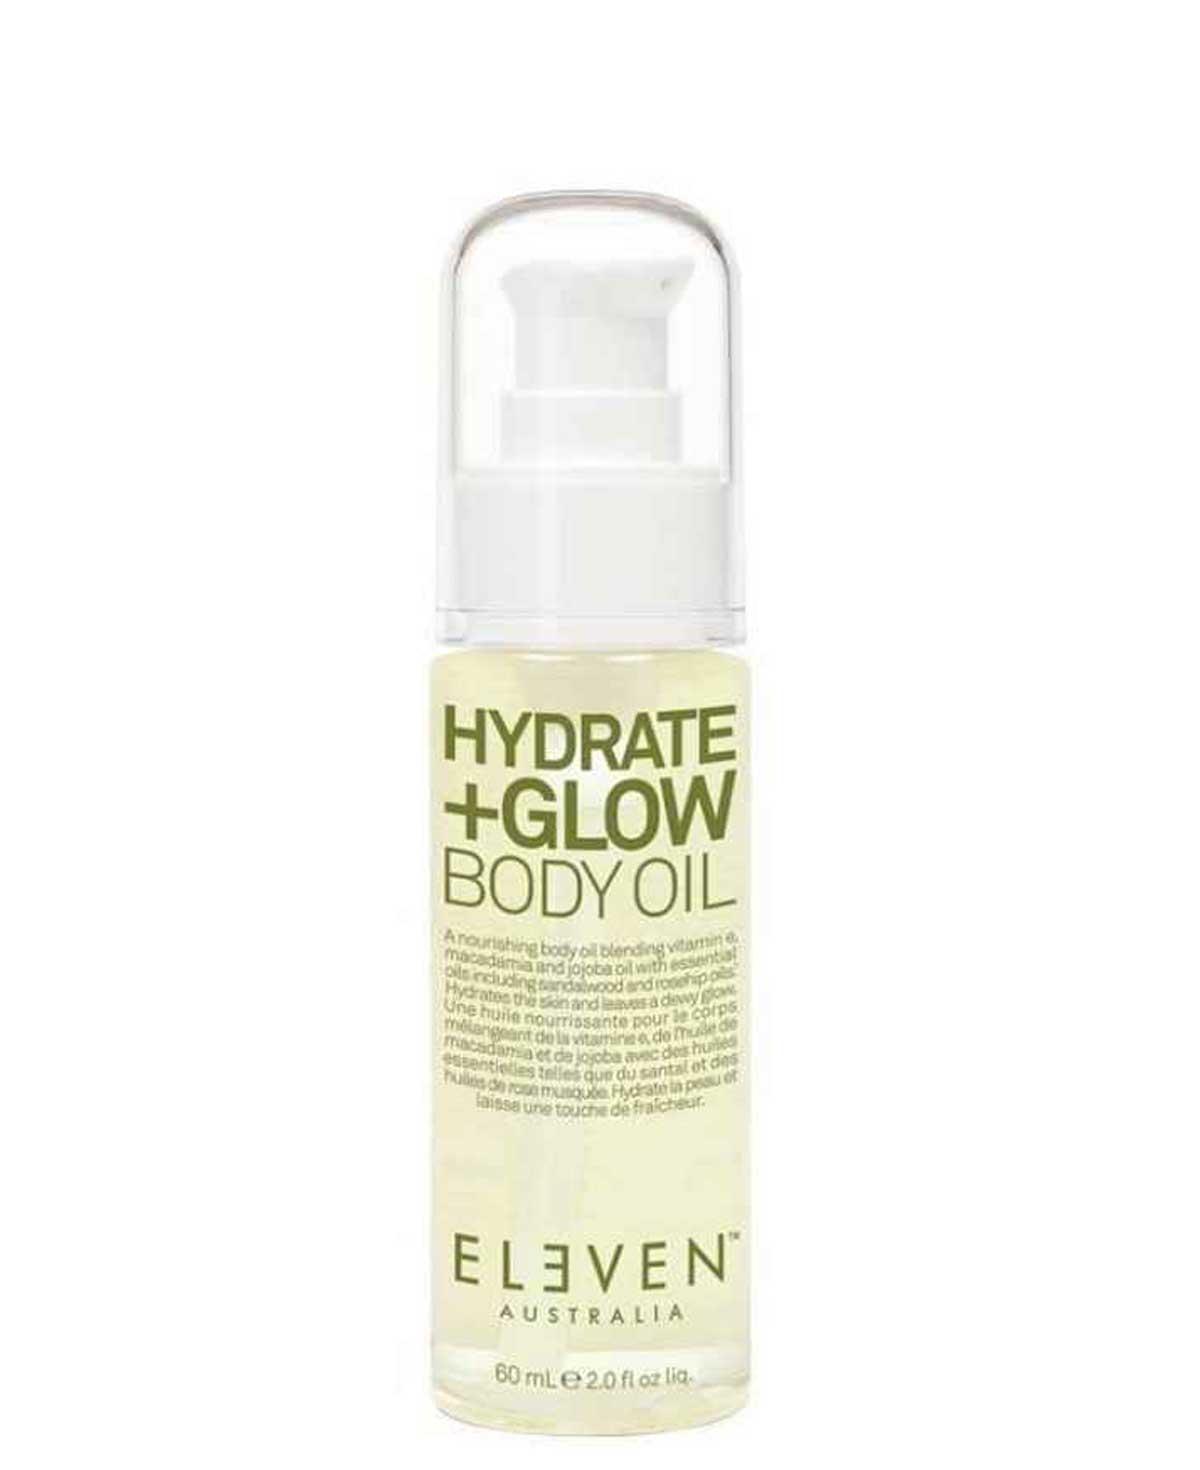 Eleven Hydrate & Glow Body Oil 60ml